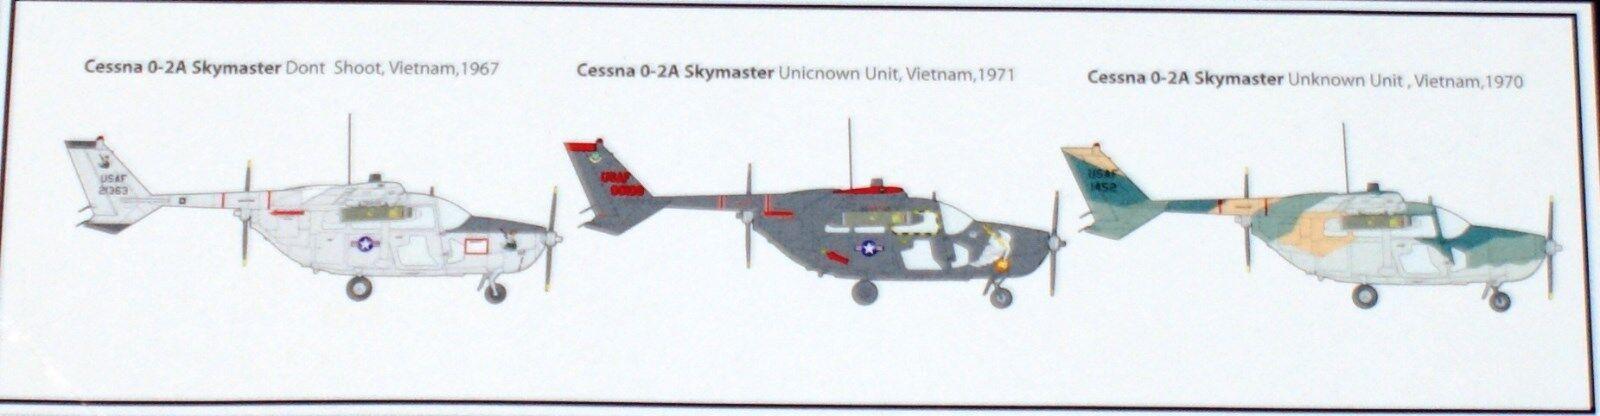 Cessna O-2A Skymaster (3x camo) camo) camo) von Roden 1 32  | Gutes Design  7b19fa